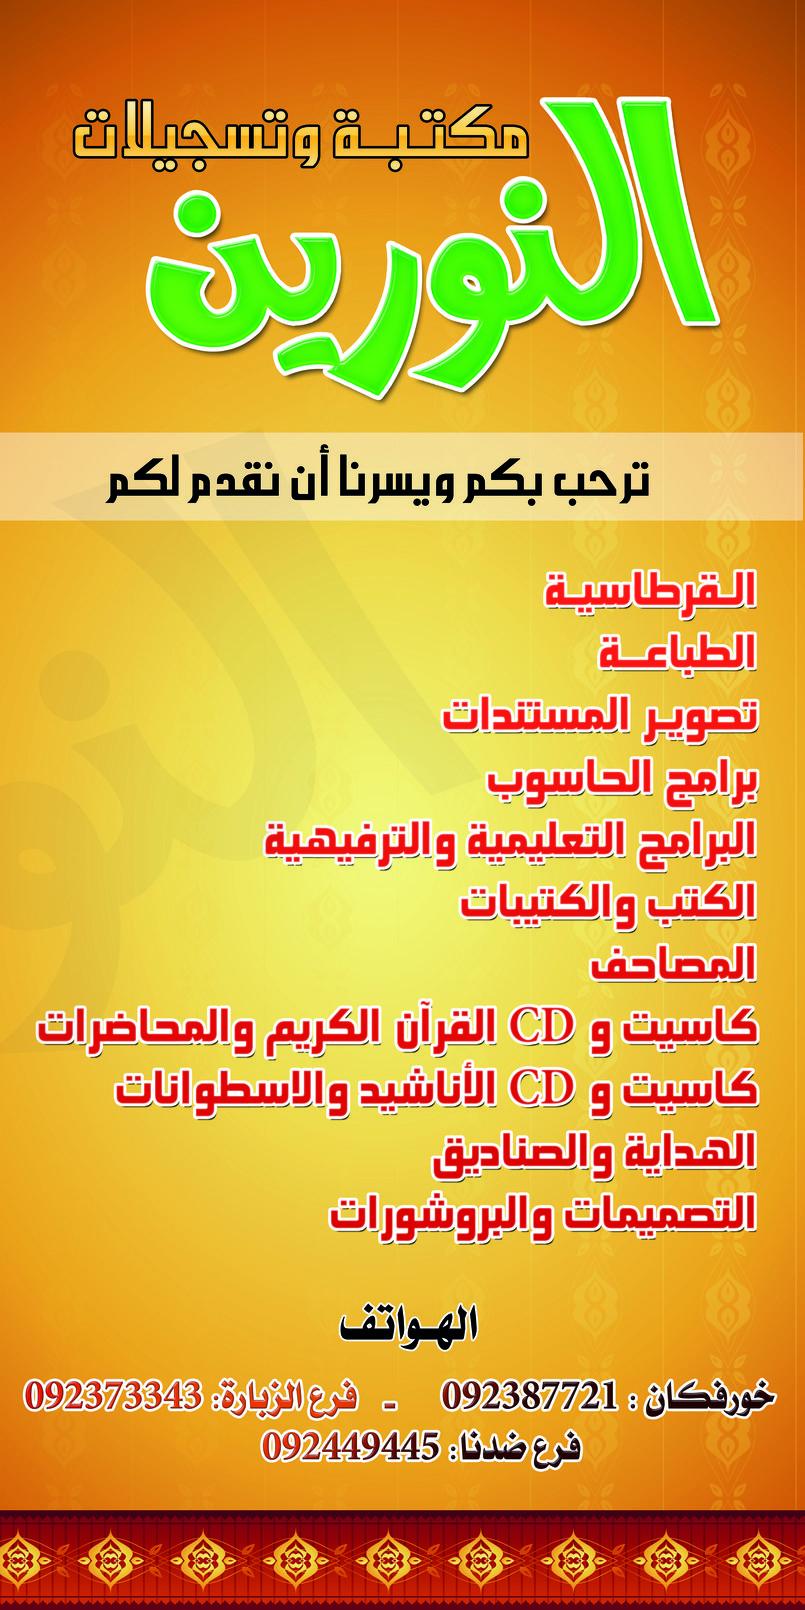 تصميم (رول اب ) مكتبة النورين بالامارات العربية المتحدة